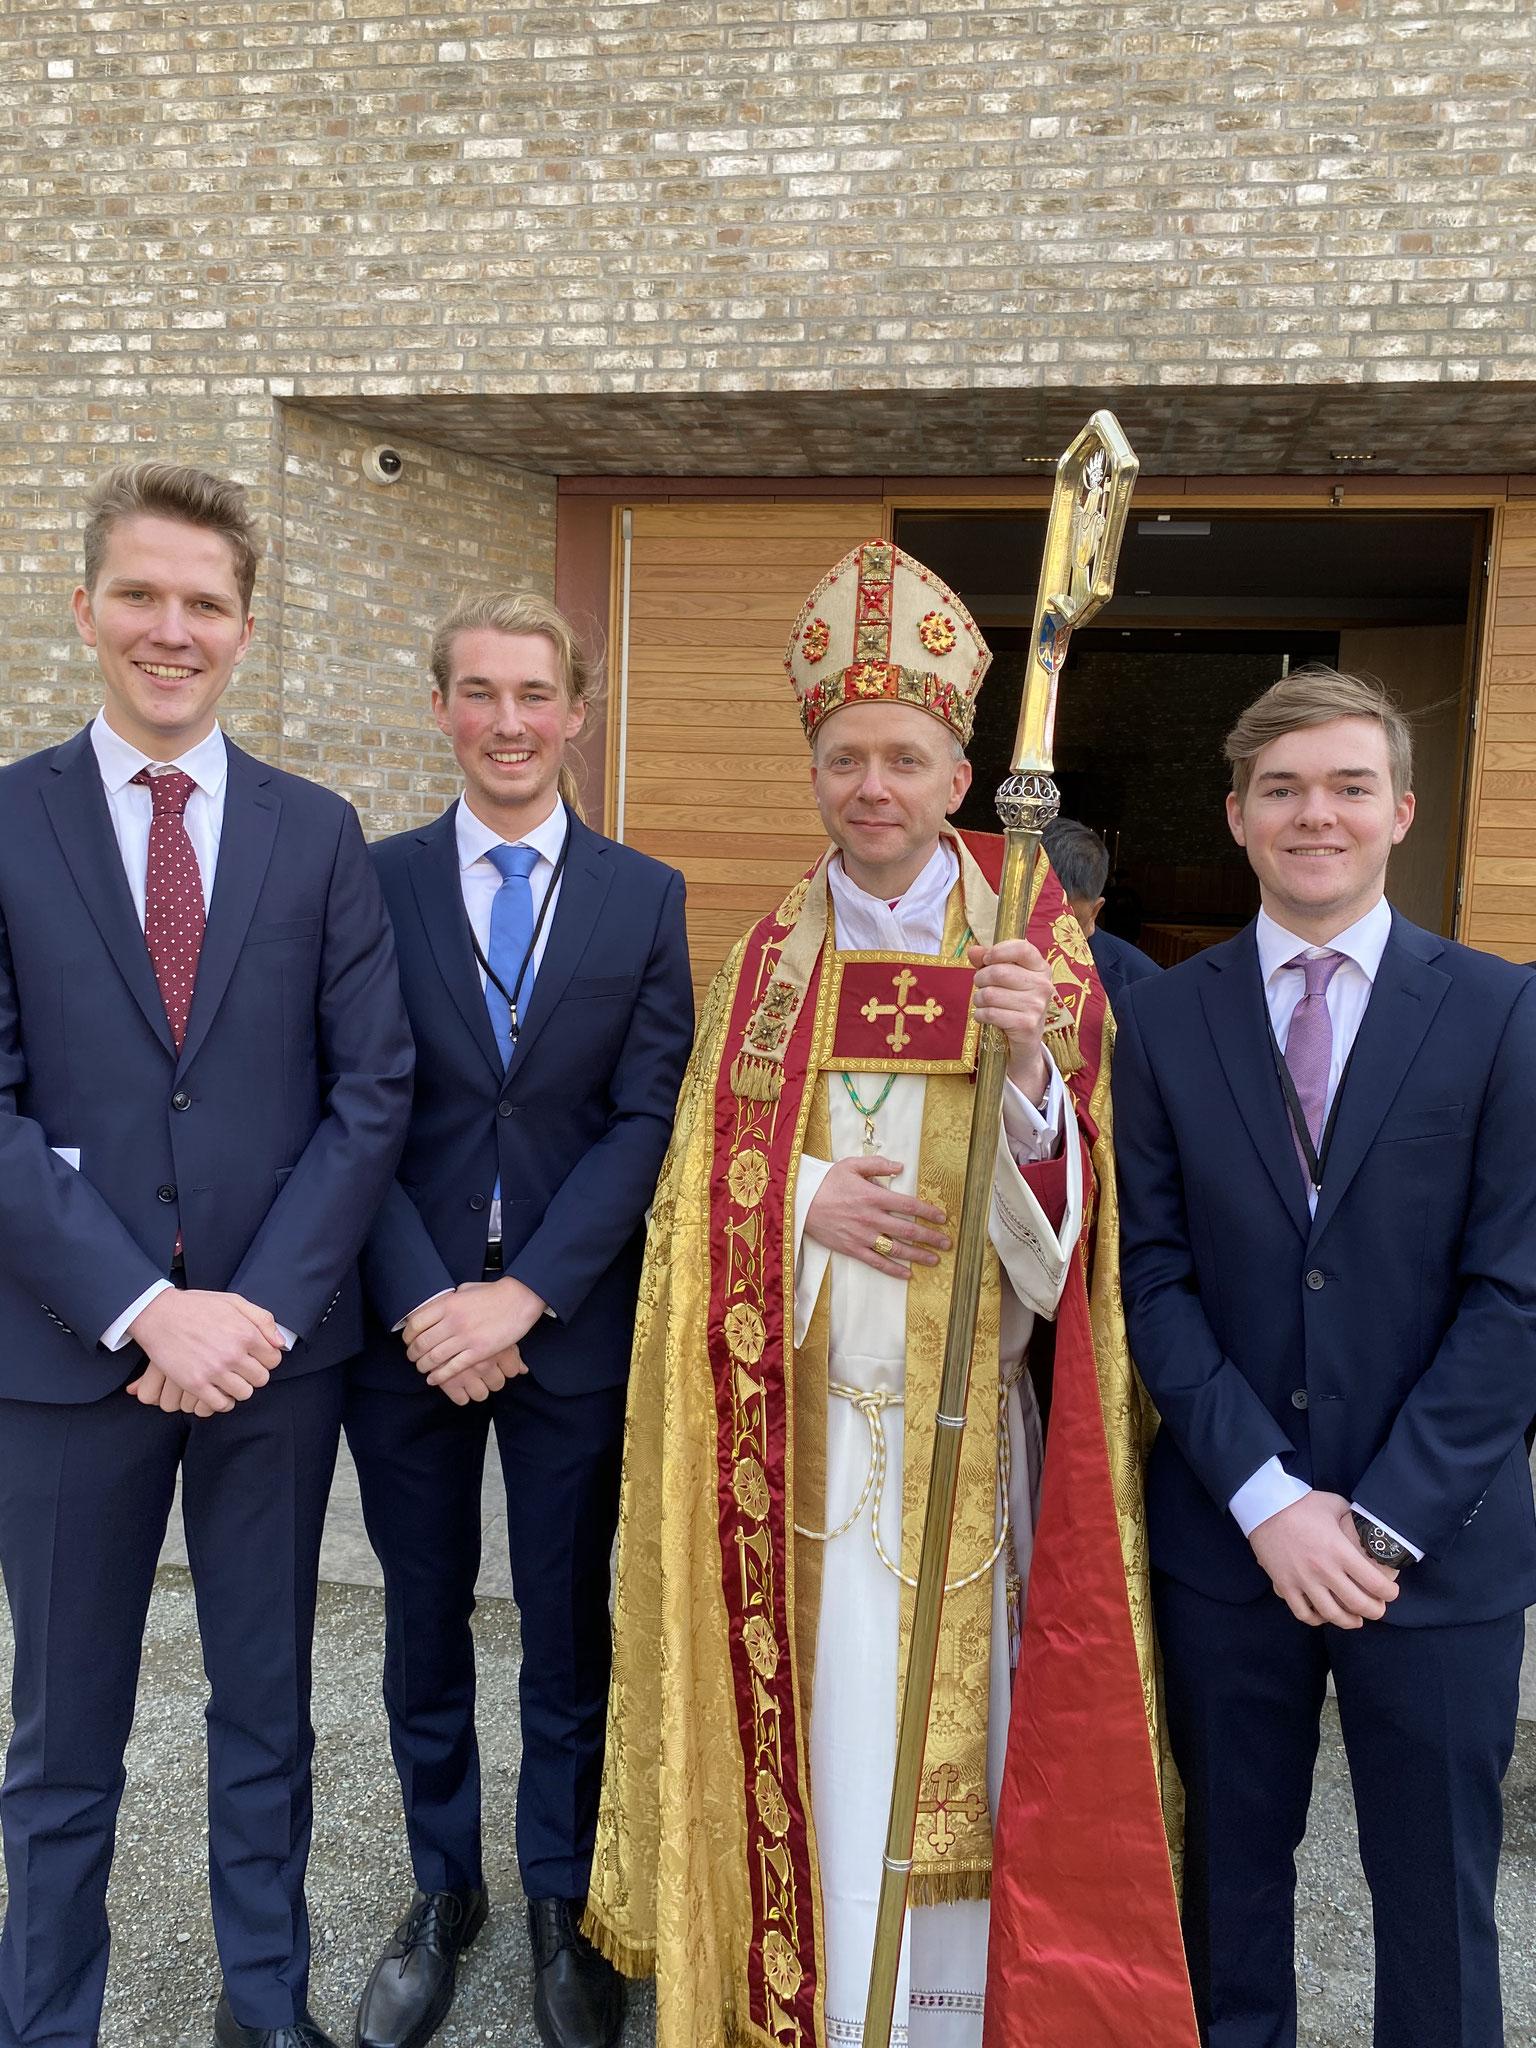 Auch wir konnten uns es natürlich nicht nehmen lassen, ein Bischof mit dem neuen Bischof aufzunehmen